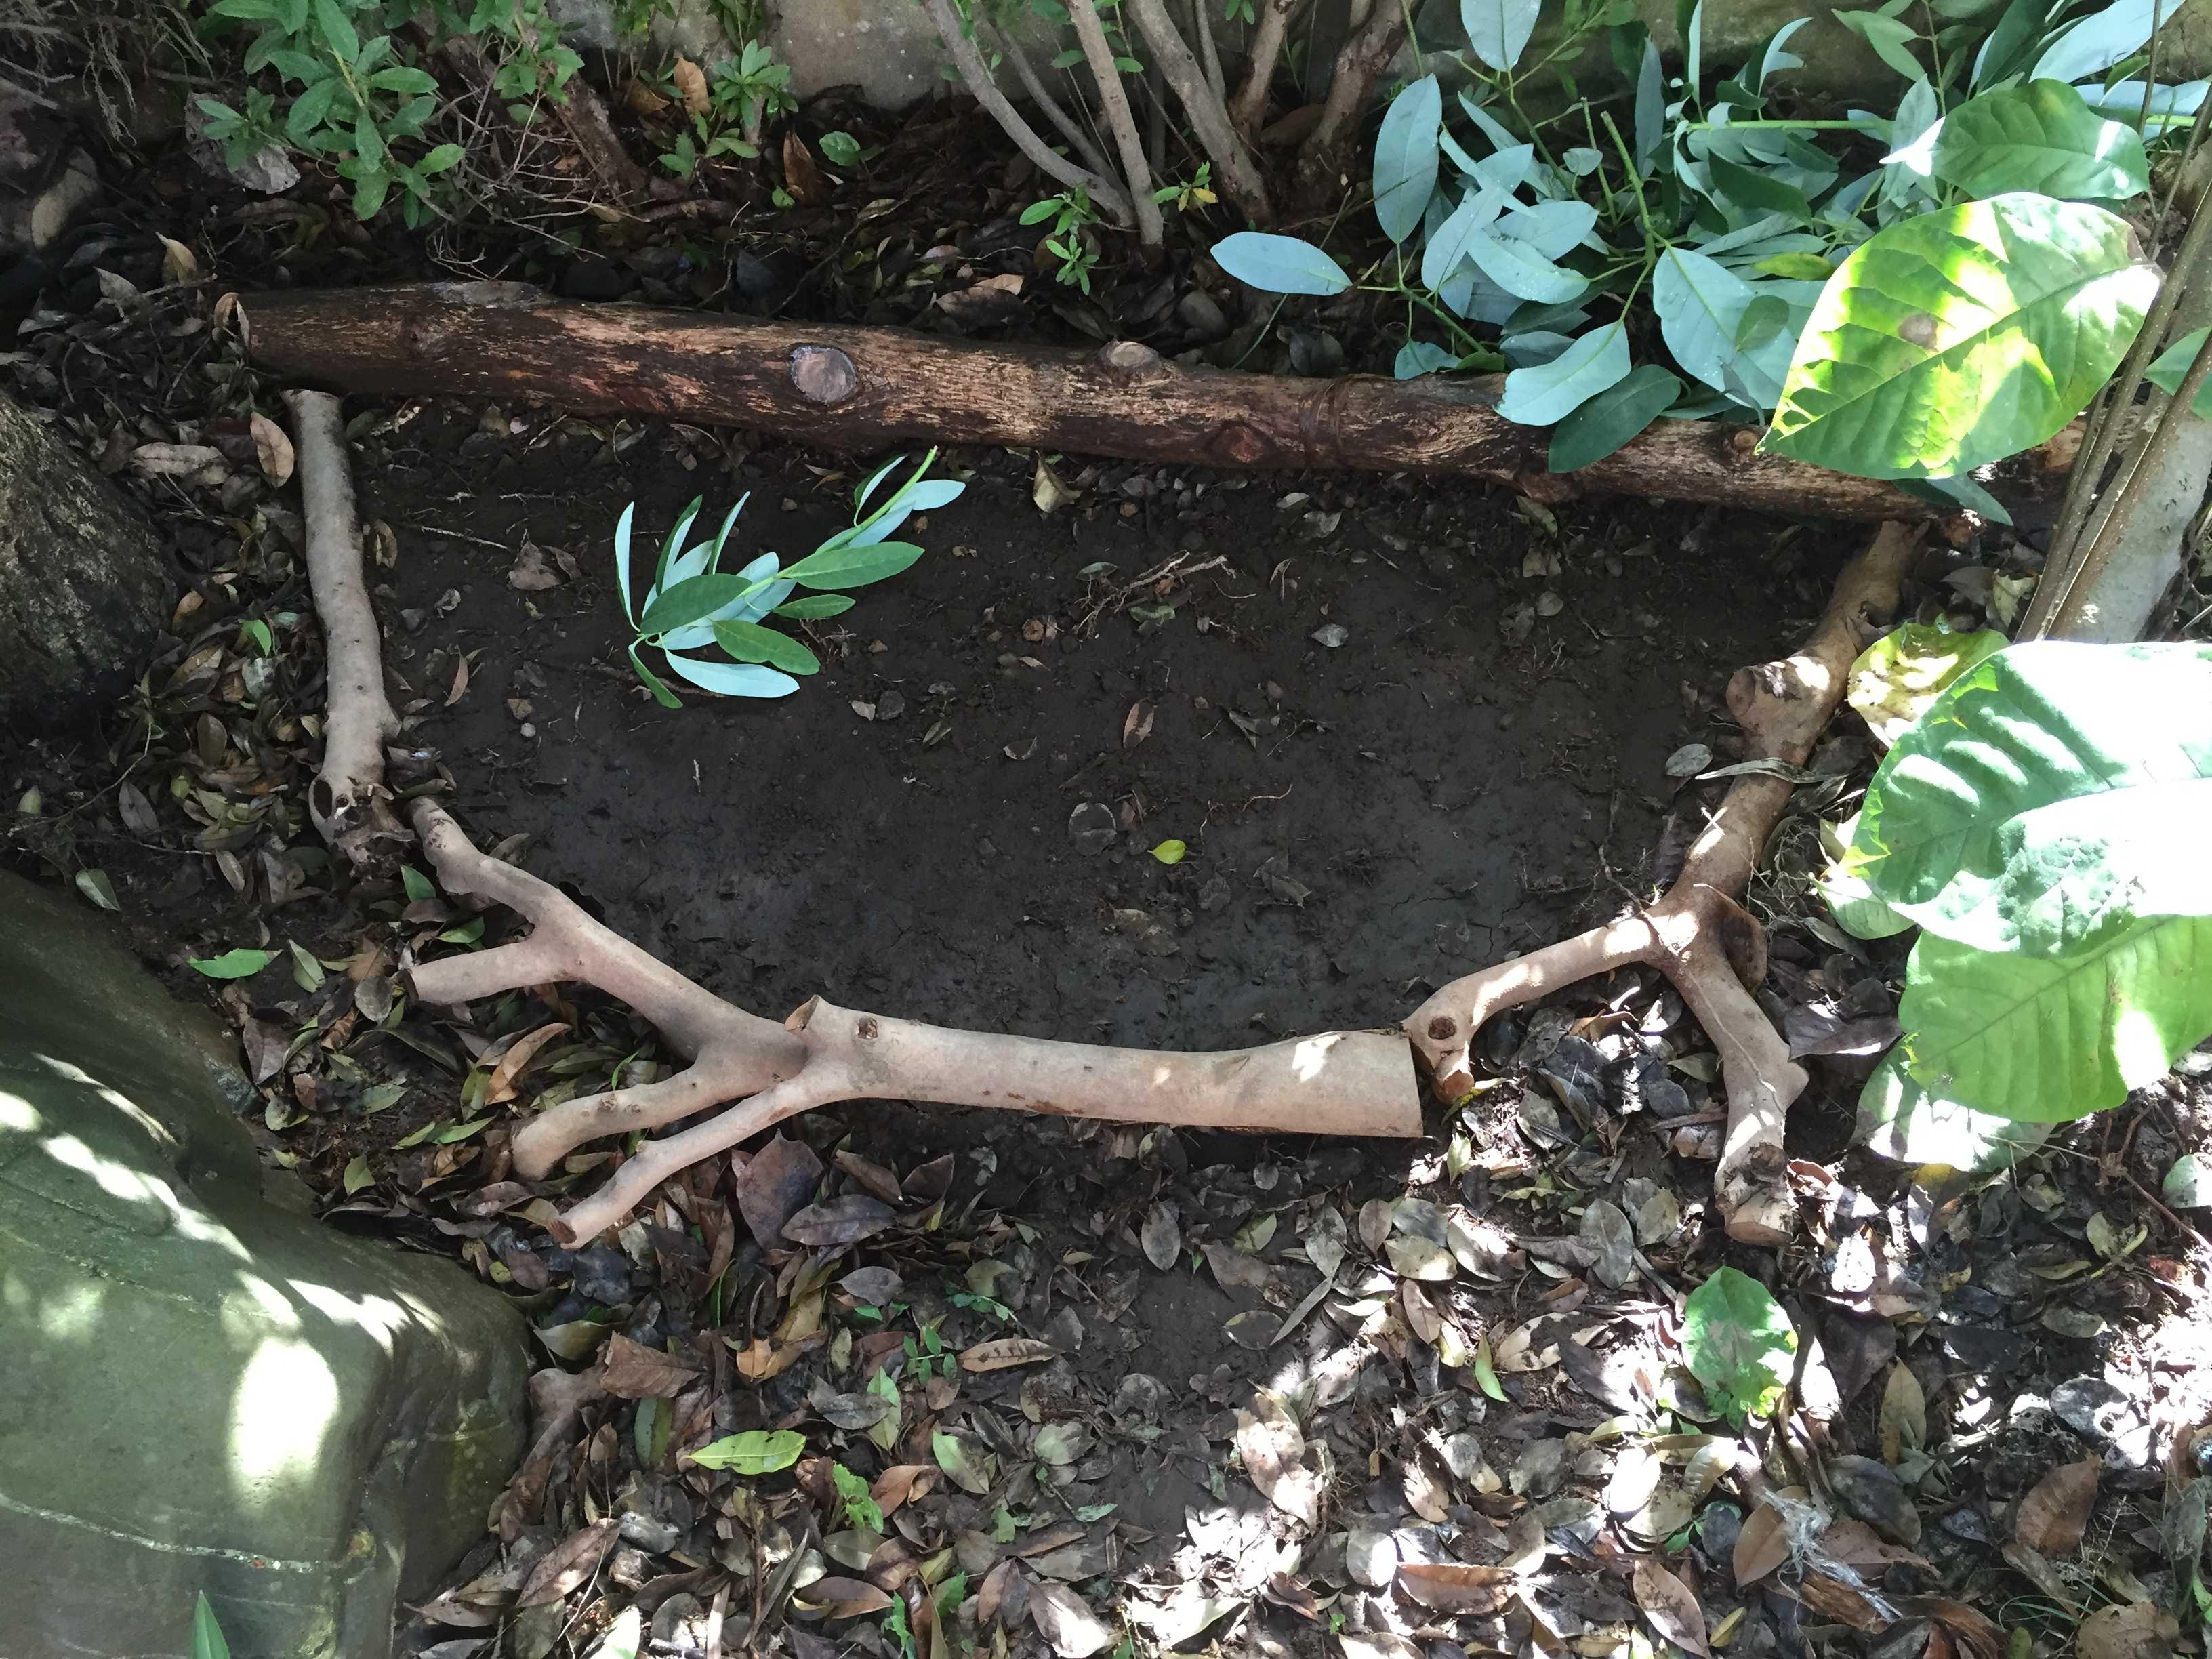 ヤマユリ庭植え - 庭植えの植え穴